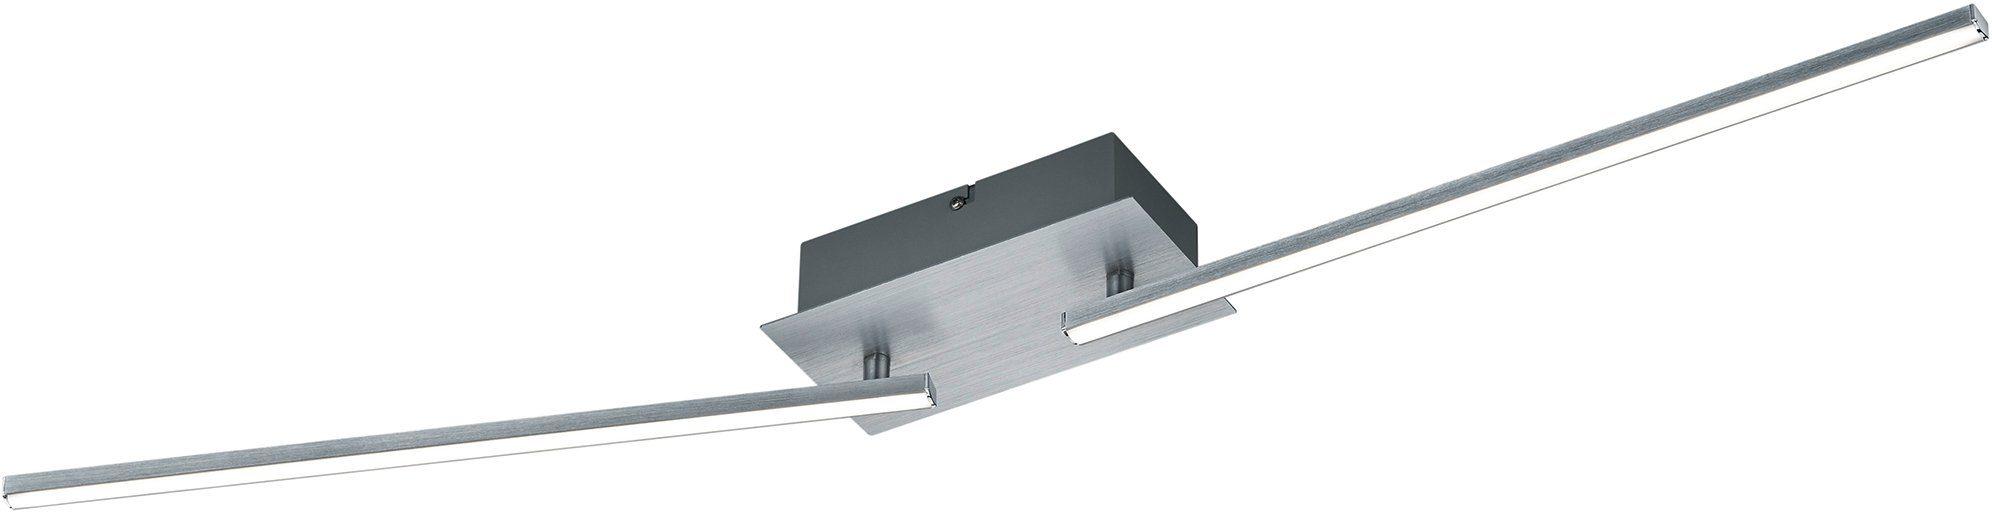 TRIO Leuchten LED Deckenleuchte »HIGHWAY«